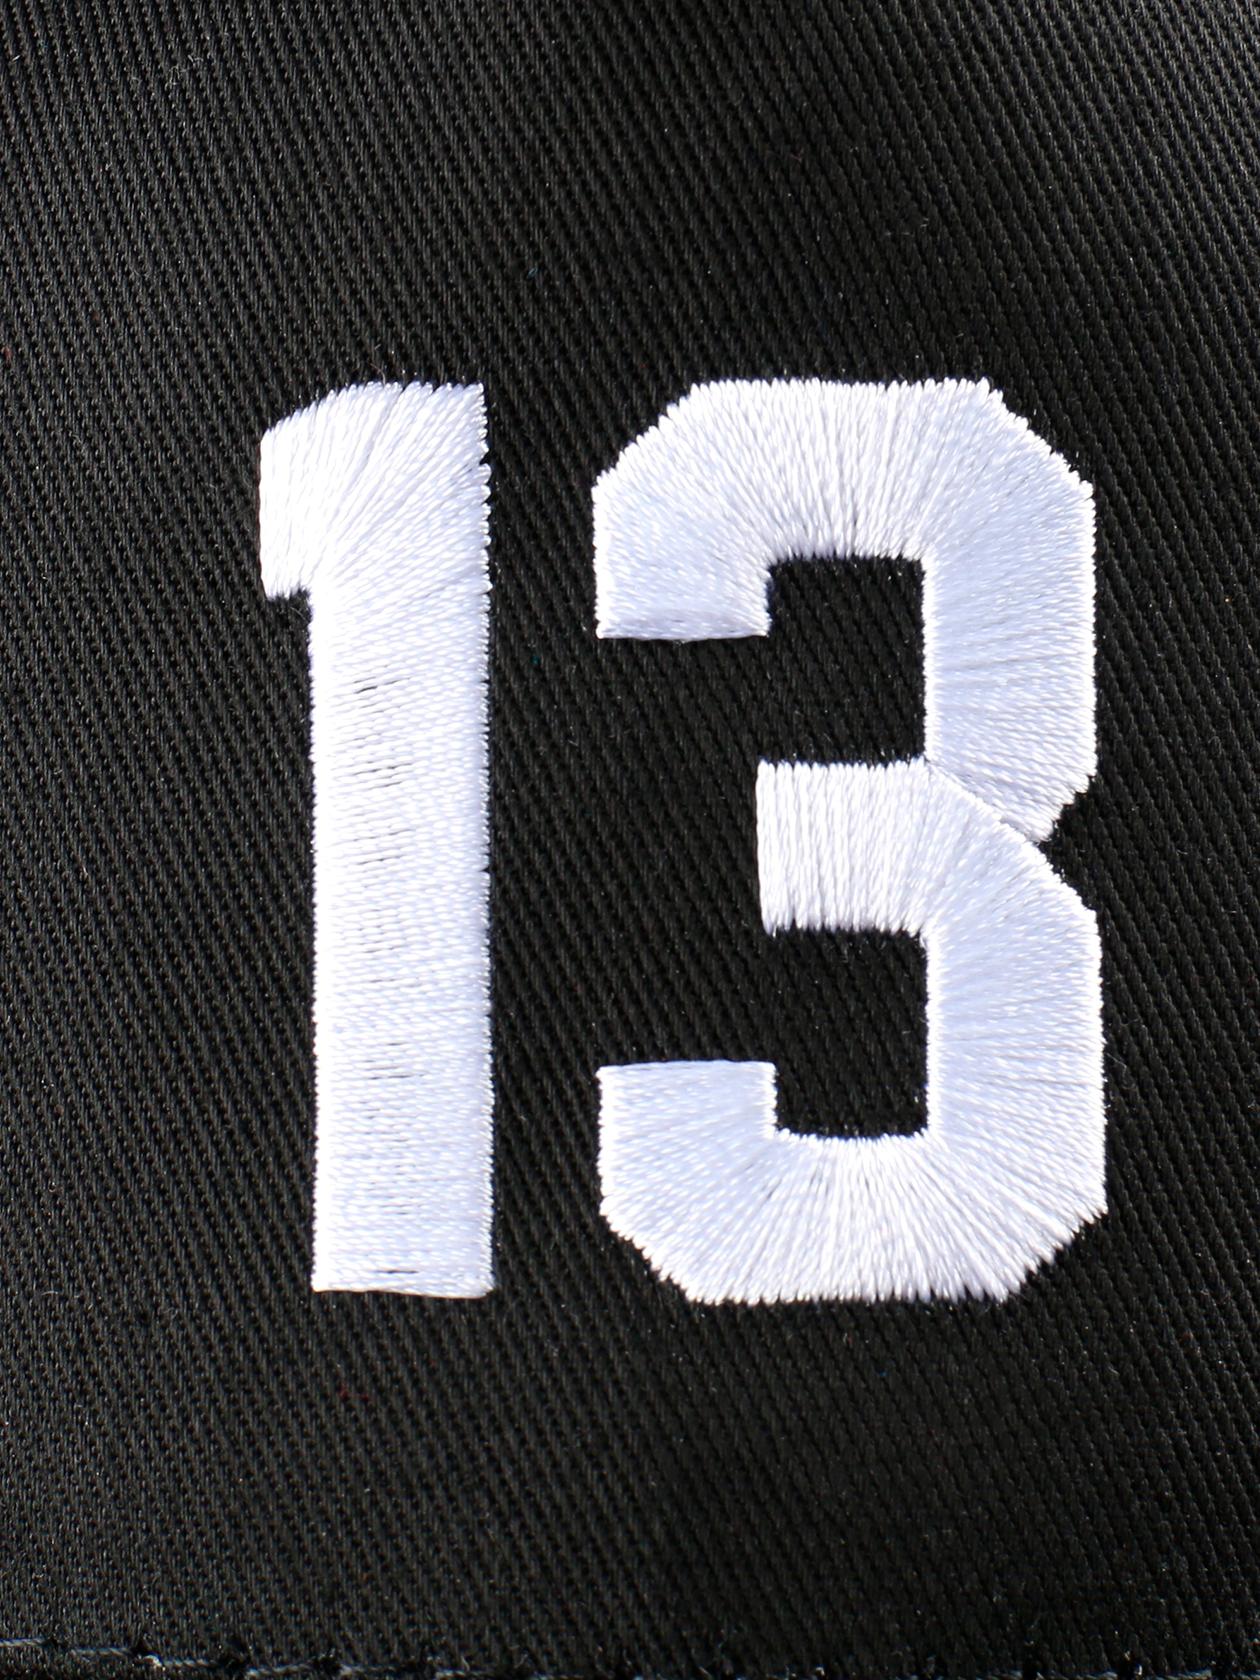 Кепка унисекс 13 SPORTКепка унисекс 13 Sport от Black Star Wear гармонично впишется в любой образ спортивного и повседневного стиля. Аксессуар обладает классическим широким козырьком, сзади ремешок, регулирующий размер изделия. Задняя часть выполнена из перфорированного материала, перед оформлен плотной тканью. Кепка представлена в базовом черном цвете, спереди принт с вышитой цифрой 13. Отличный вариант для спорта и отдыха.<br><br>Размер: Единый размер<br>Цвет: Черный<br>Пол: Унисекс